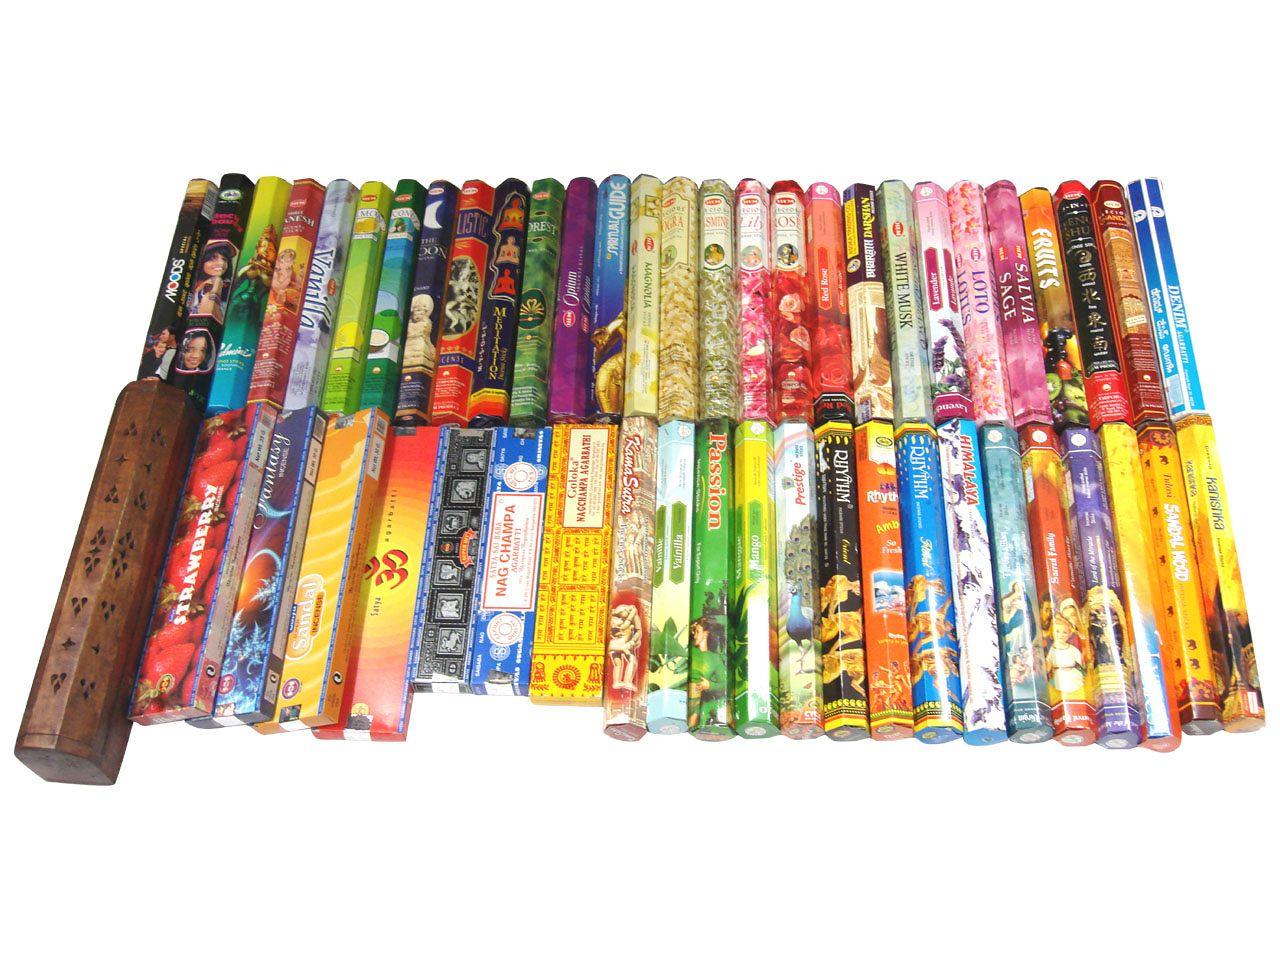 お香 本気のお香好きの為のヘキサボックス50箱&ボックス型お香たてセット 送料無料!...:happyhour:10000077